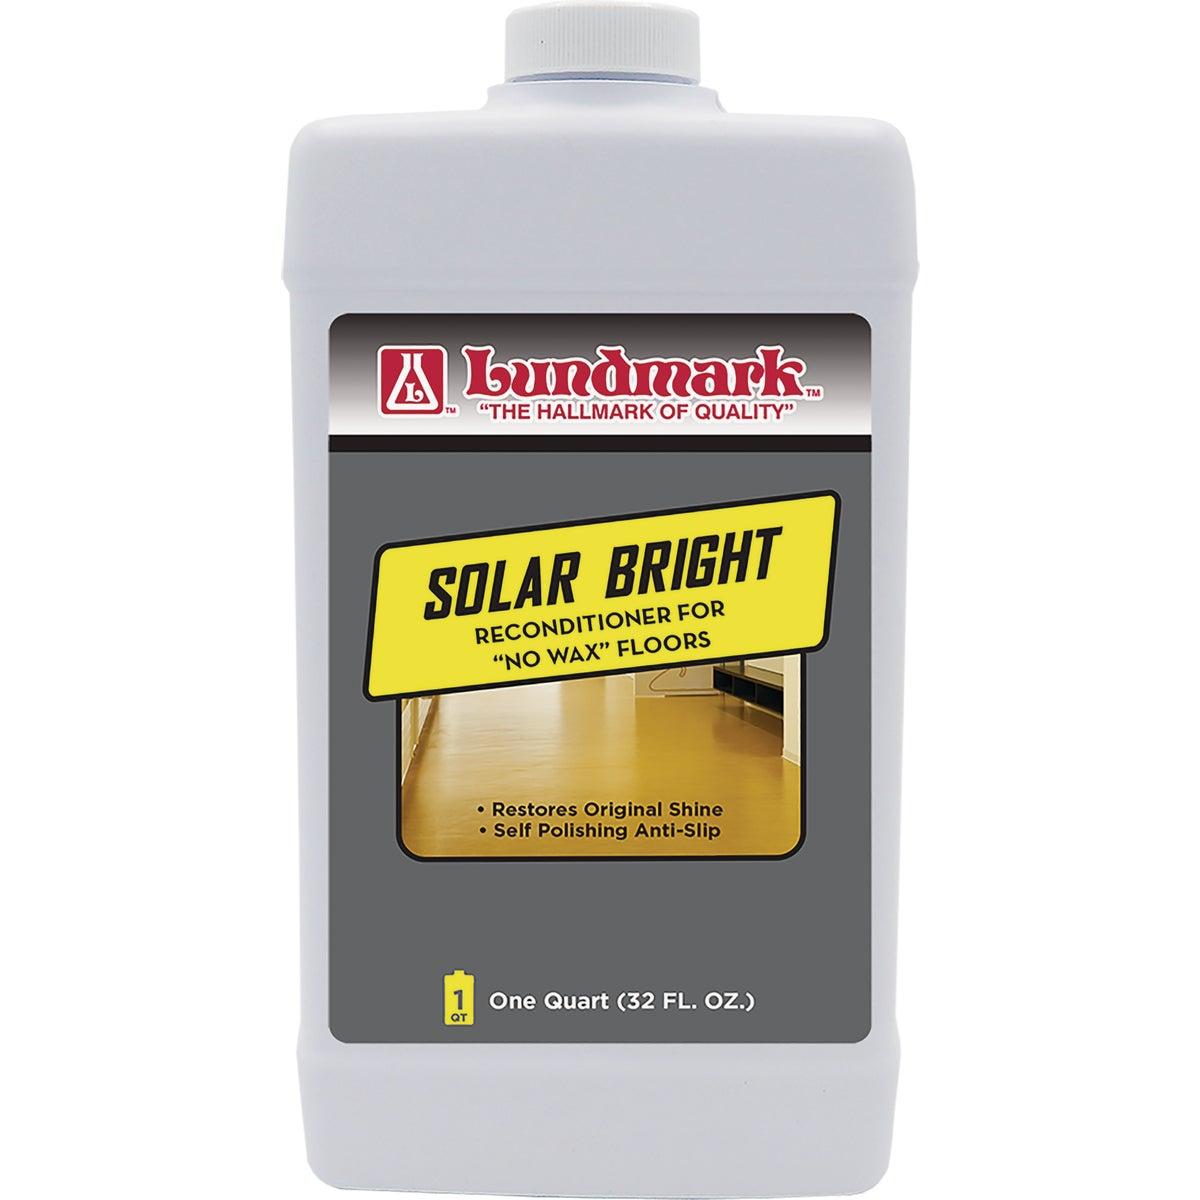 32OZ SOLAR BRIGHT - 3225F32-6 by Lundmark Wax Co